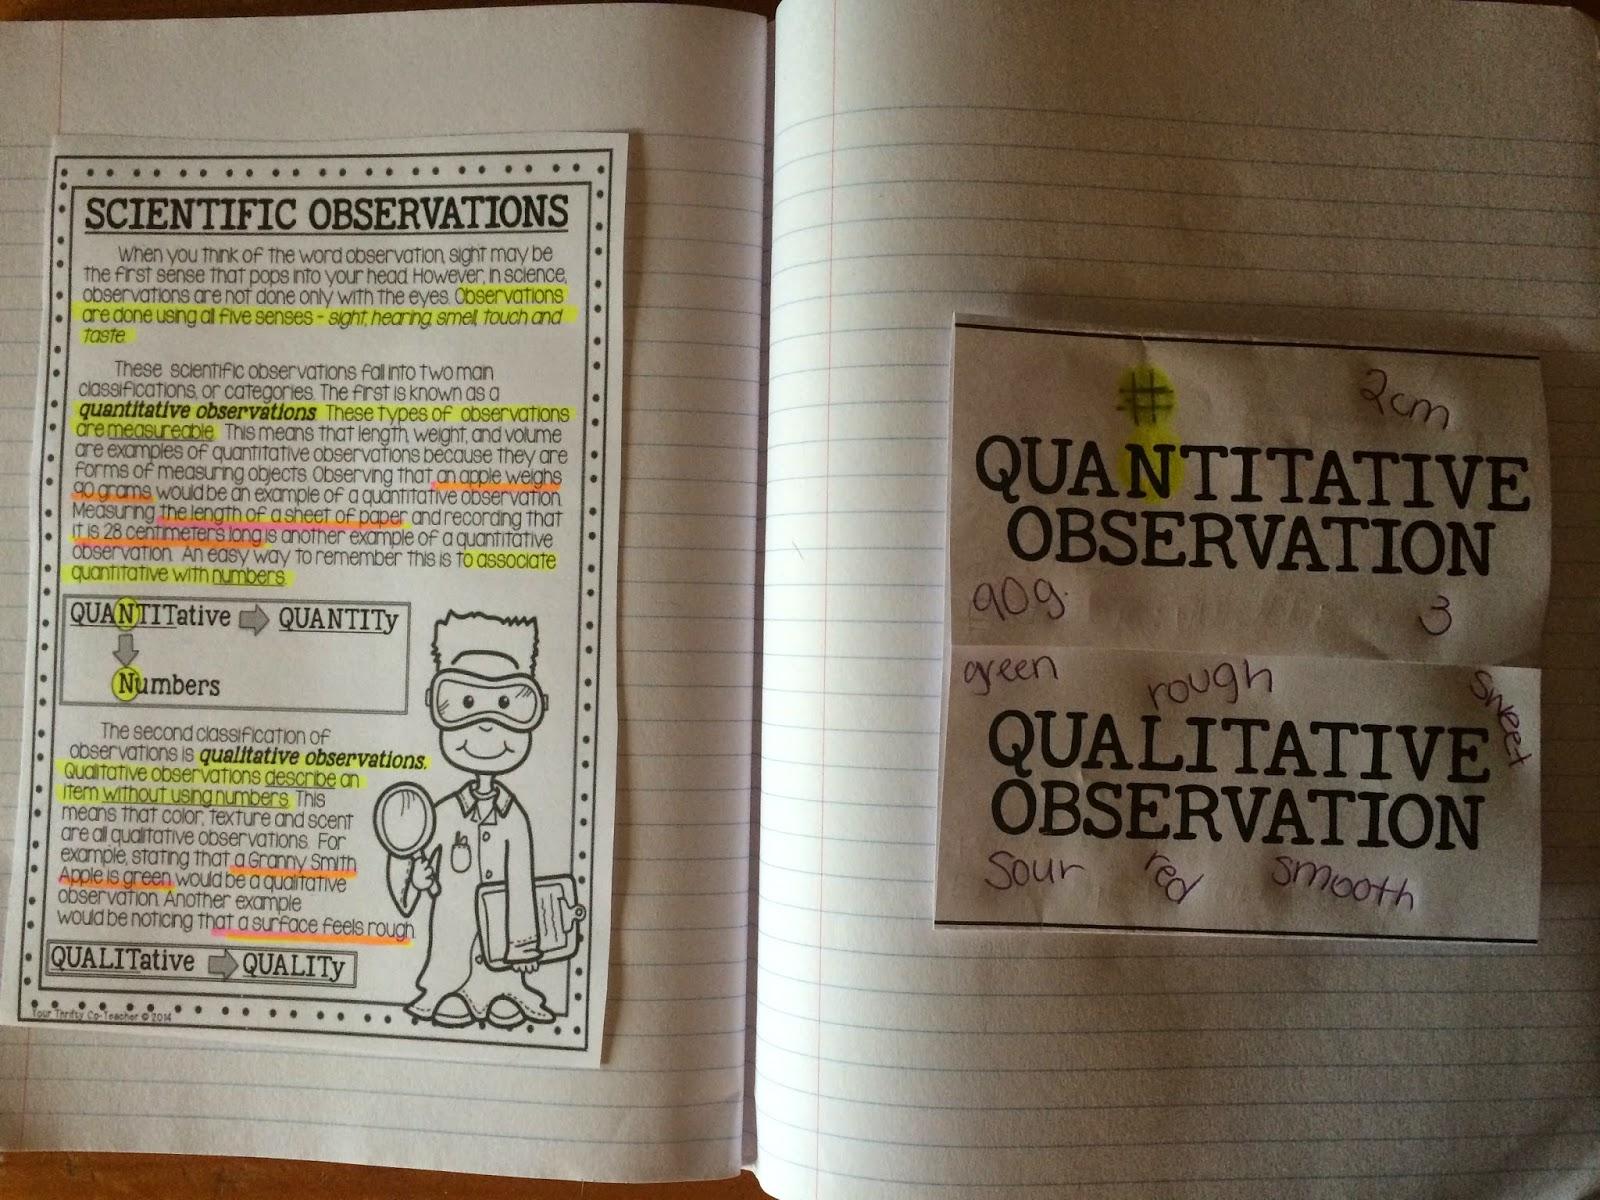 Taking A Closer Look Qualitative And Quantitative Observations